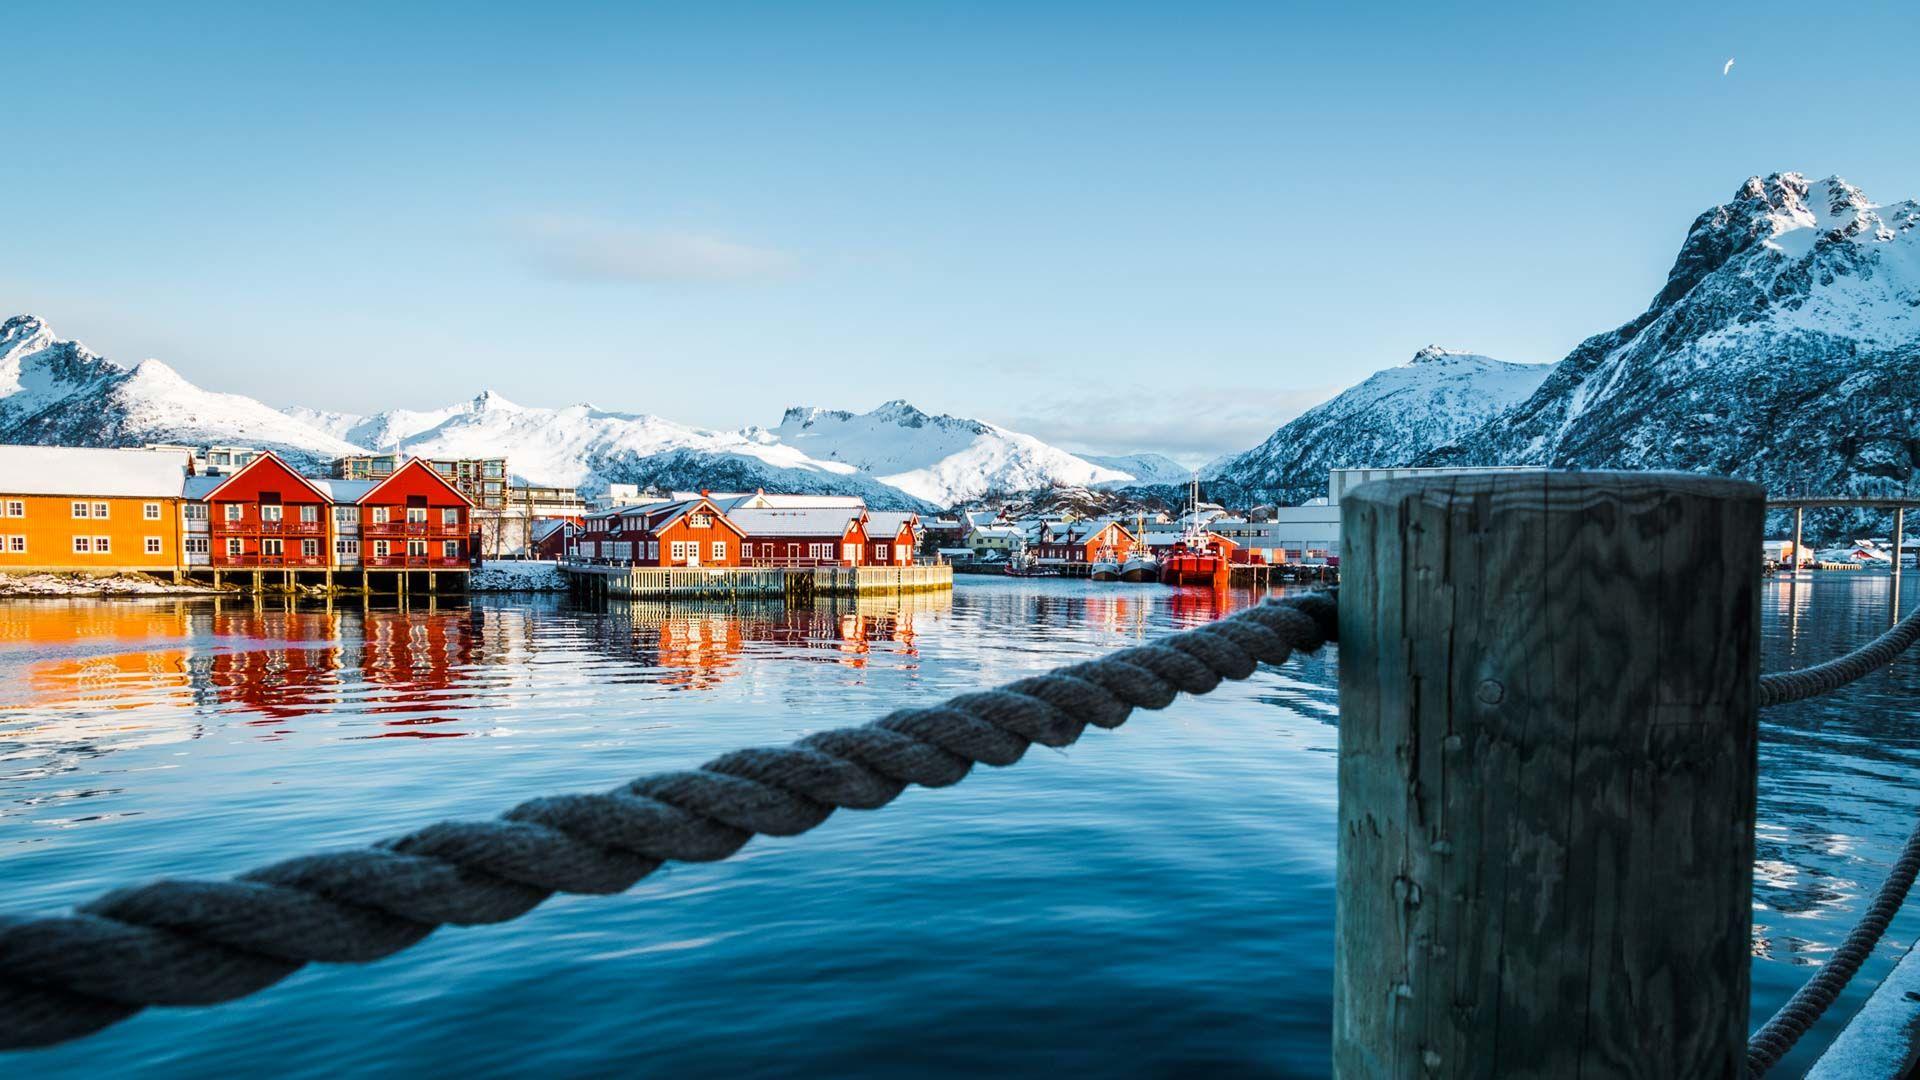 Unterkunft Auf Den Lofoten In Svolvaer Fuer Die Skitourenreise